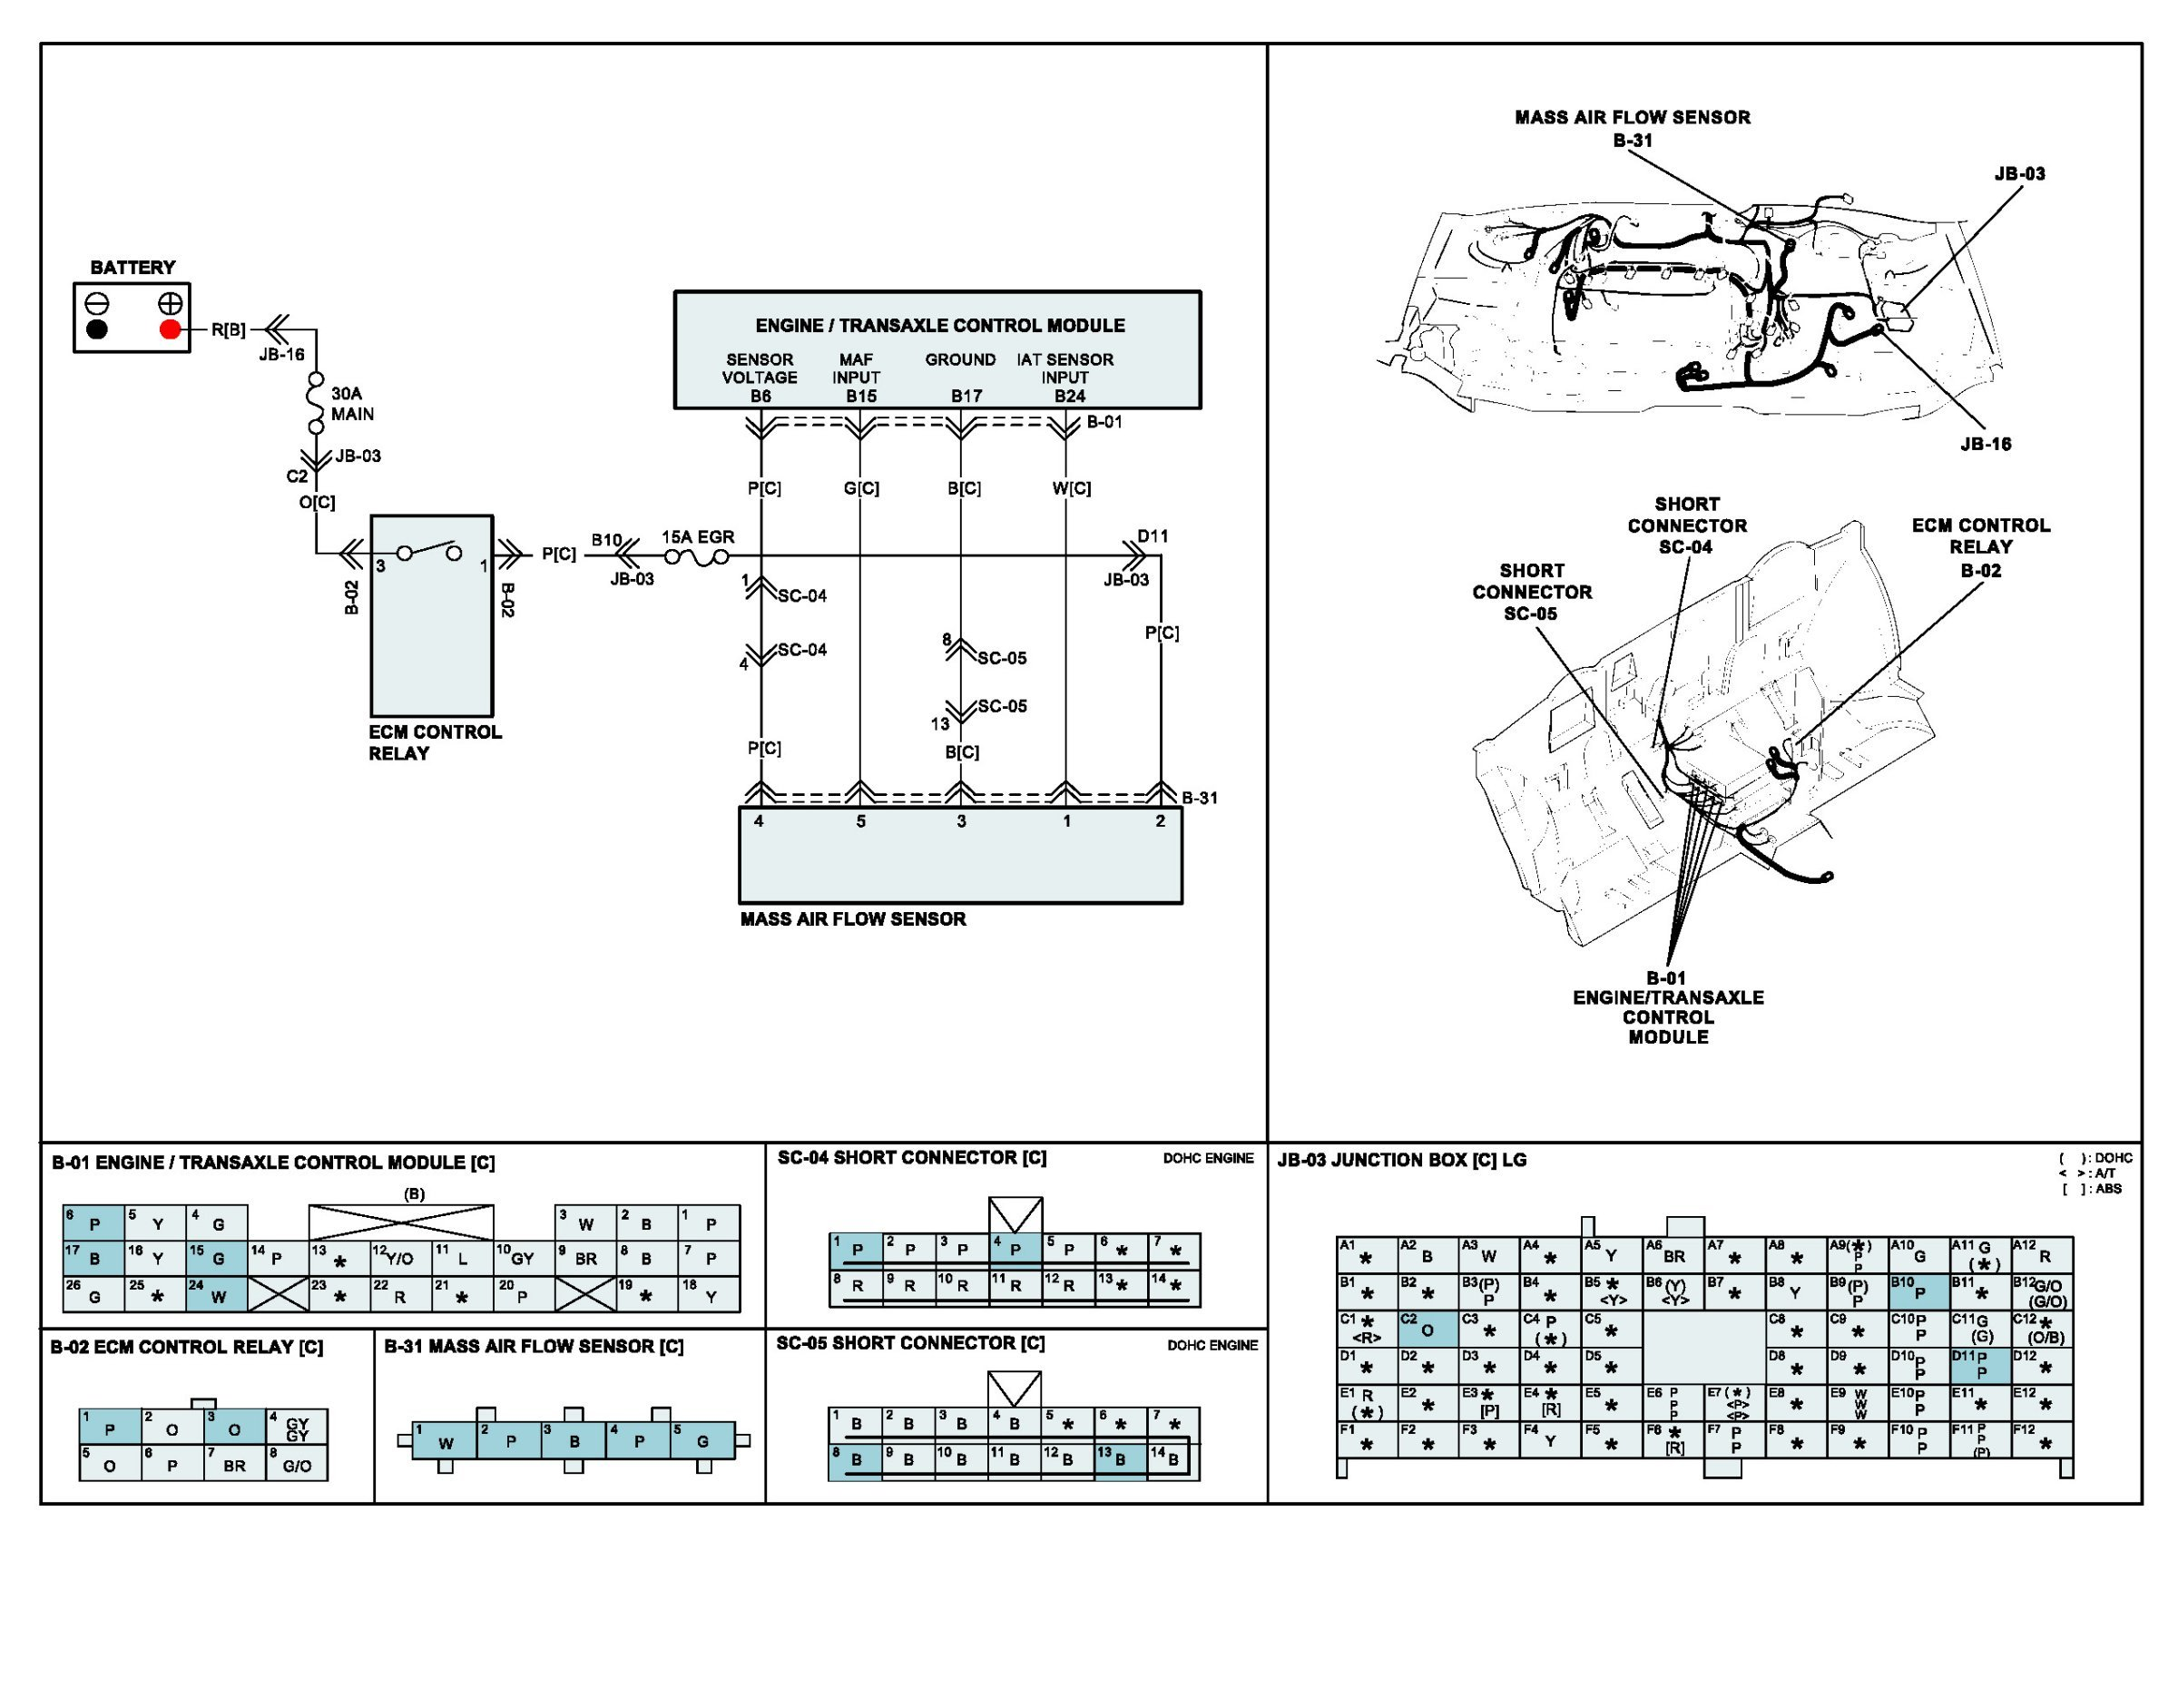 2010 06 22_235859_138538076 kia maf sensor wiring diagram wiring diagrams Kia Spectra Engine Diagram at mr168.co